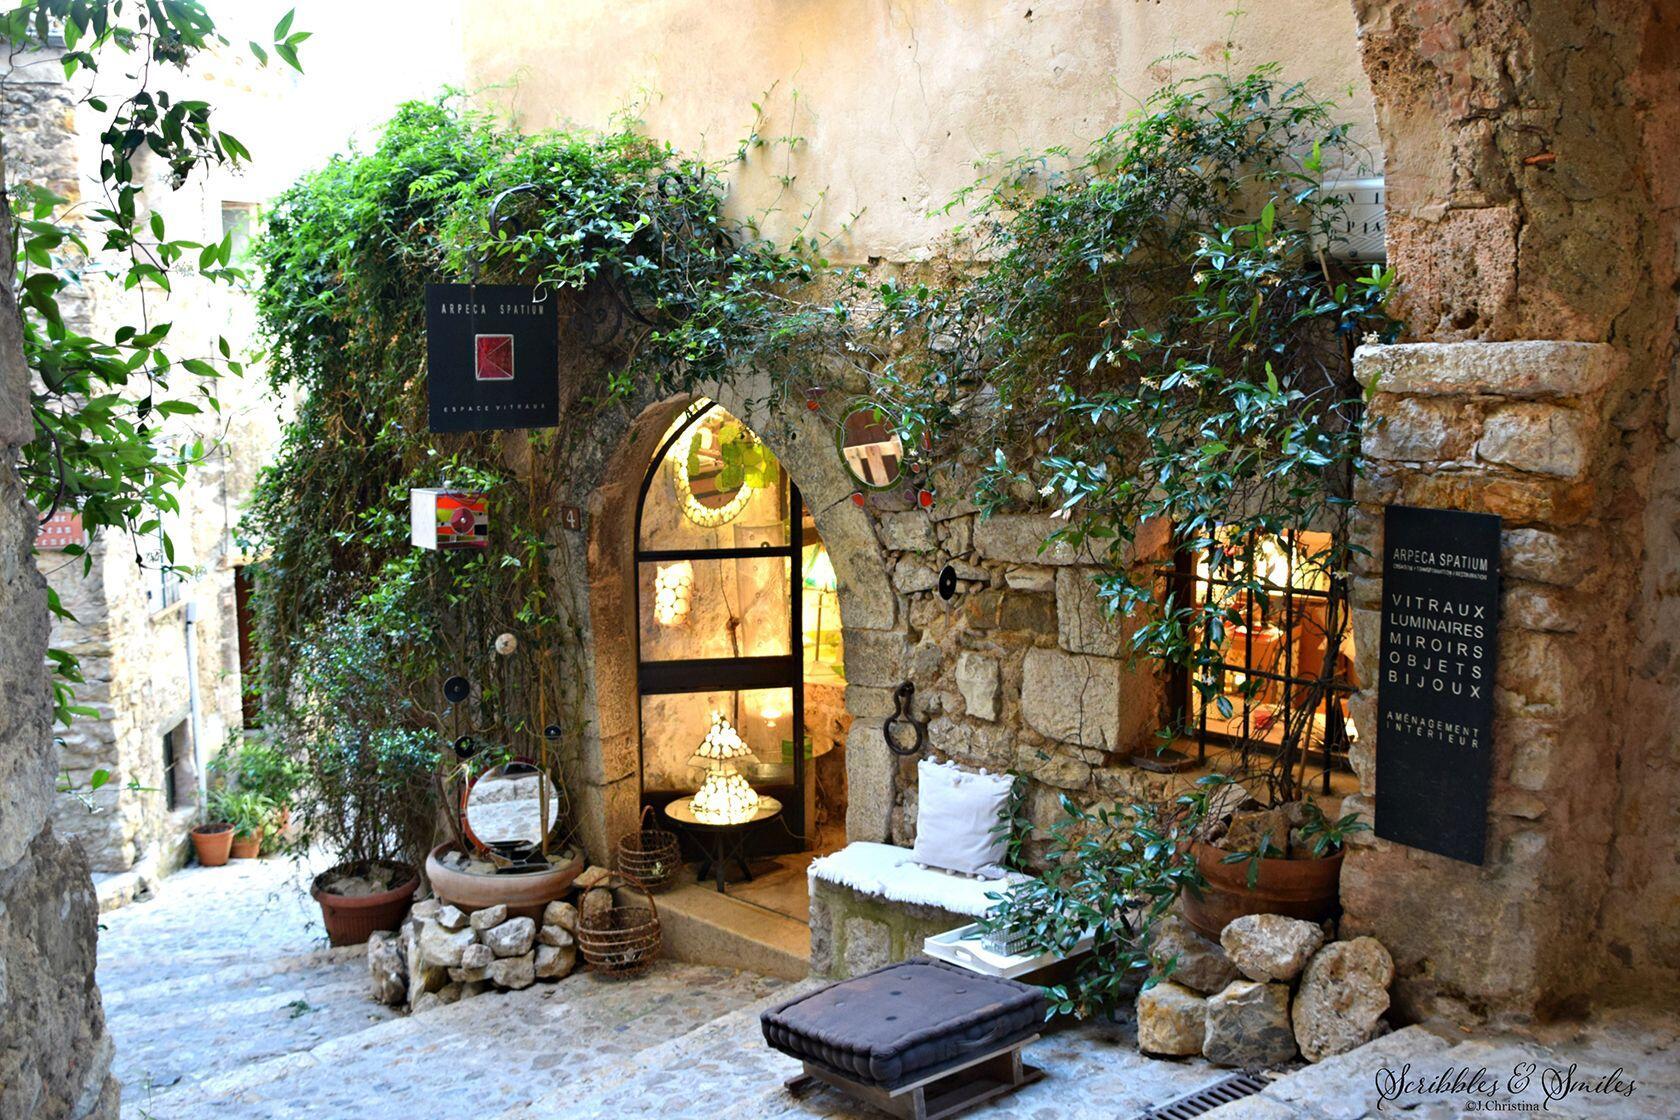 Atelier Luminary shop Sainte Agnes France Cot d'Azur JChristina